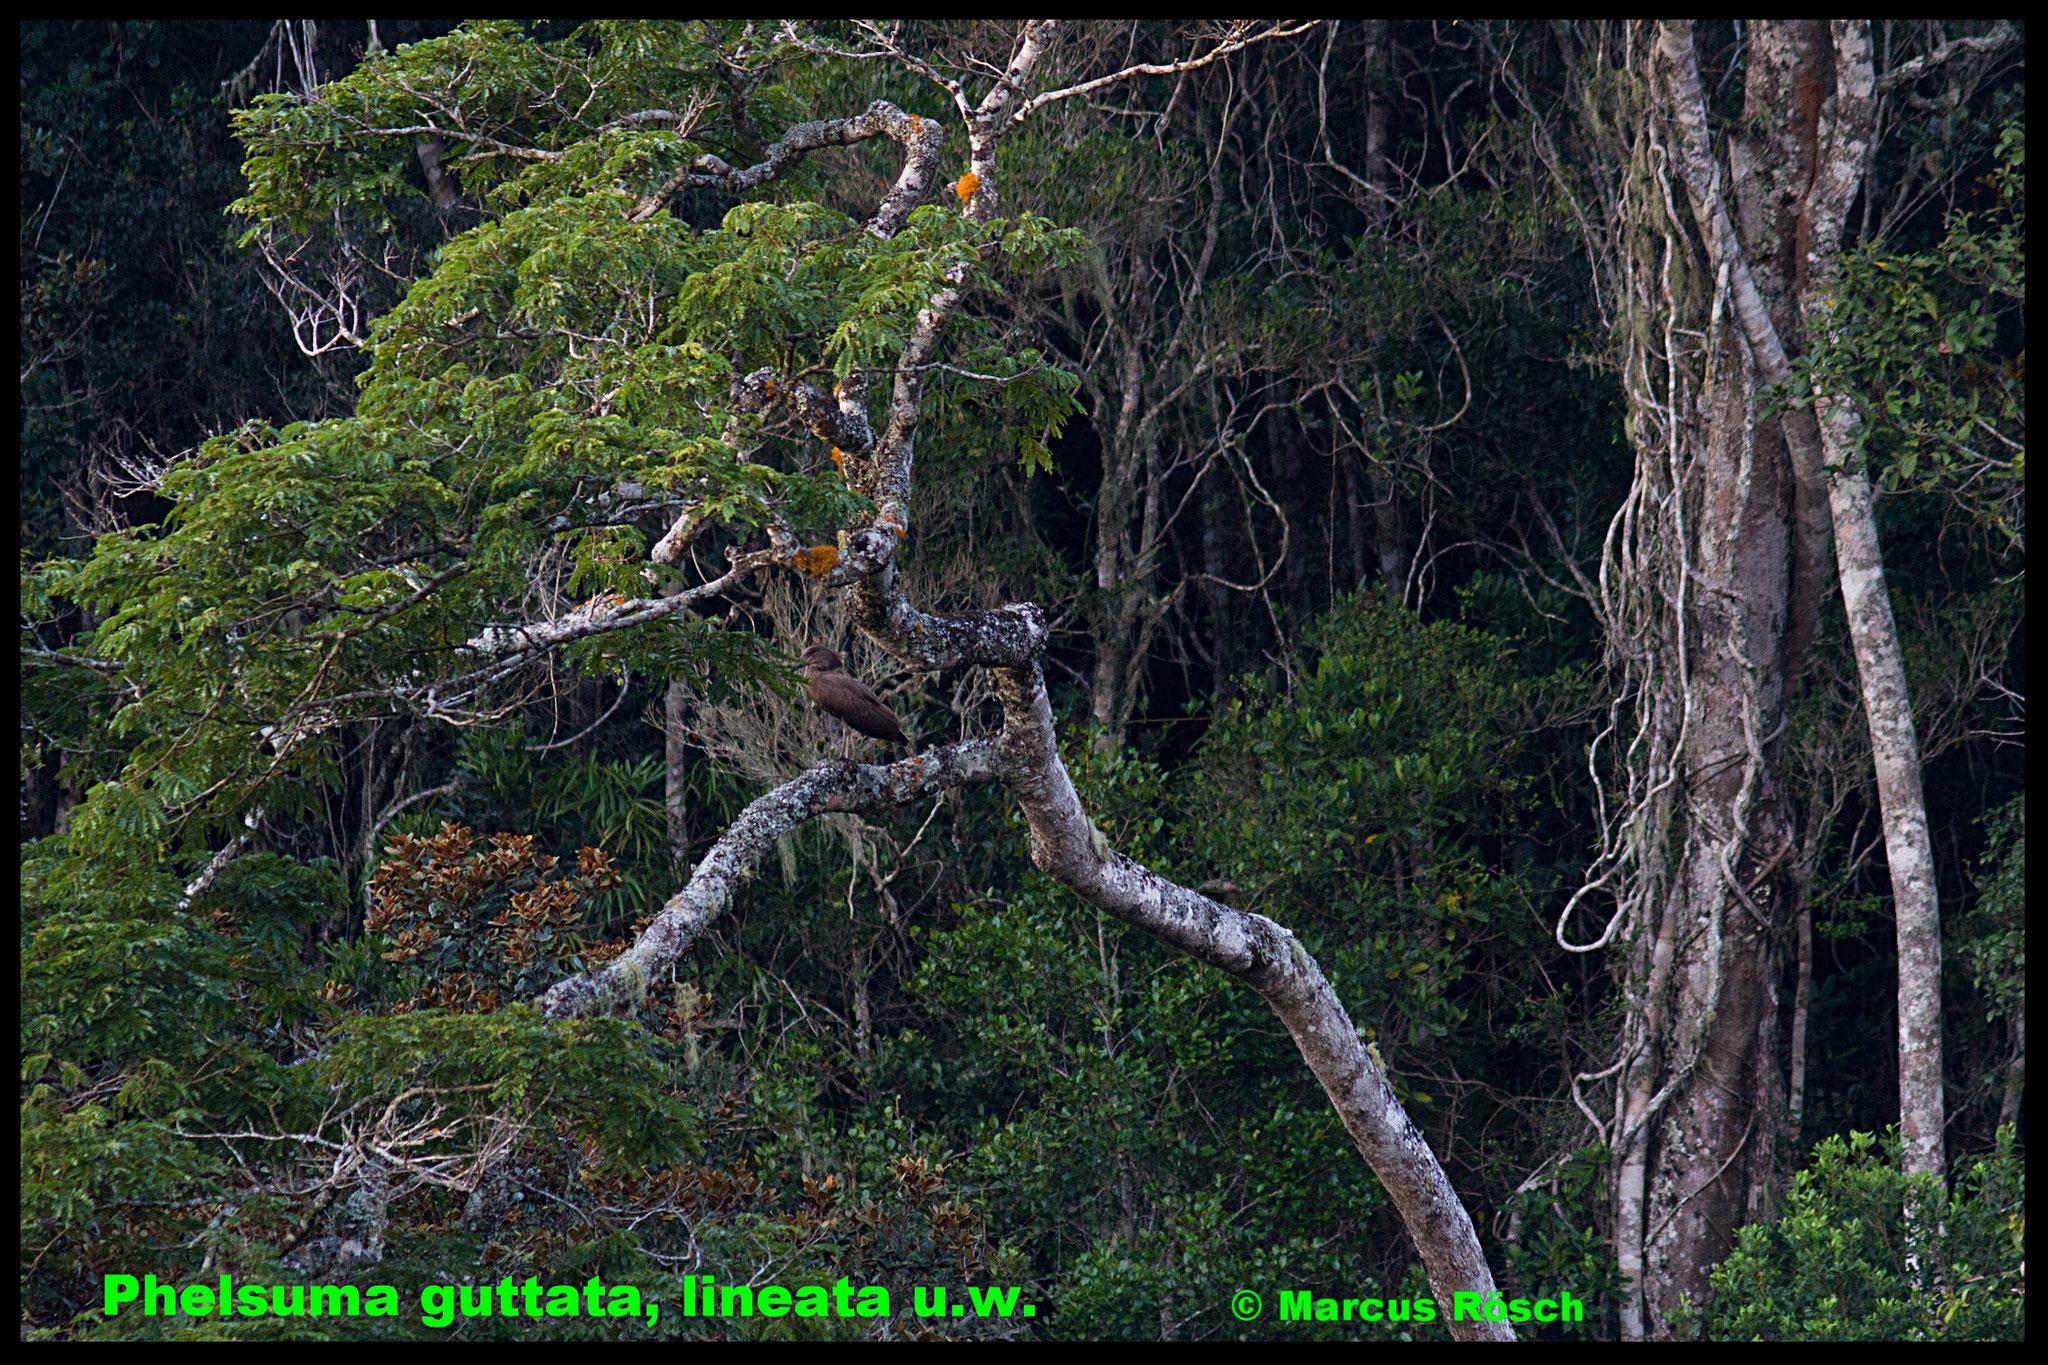 Schattig, hohe Luftfeuchtigkeit, dichten Pflanzenwuchs - (Madagaskar)